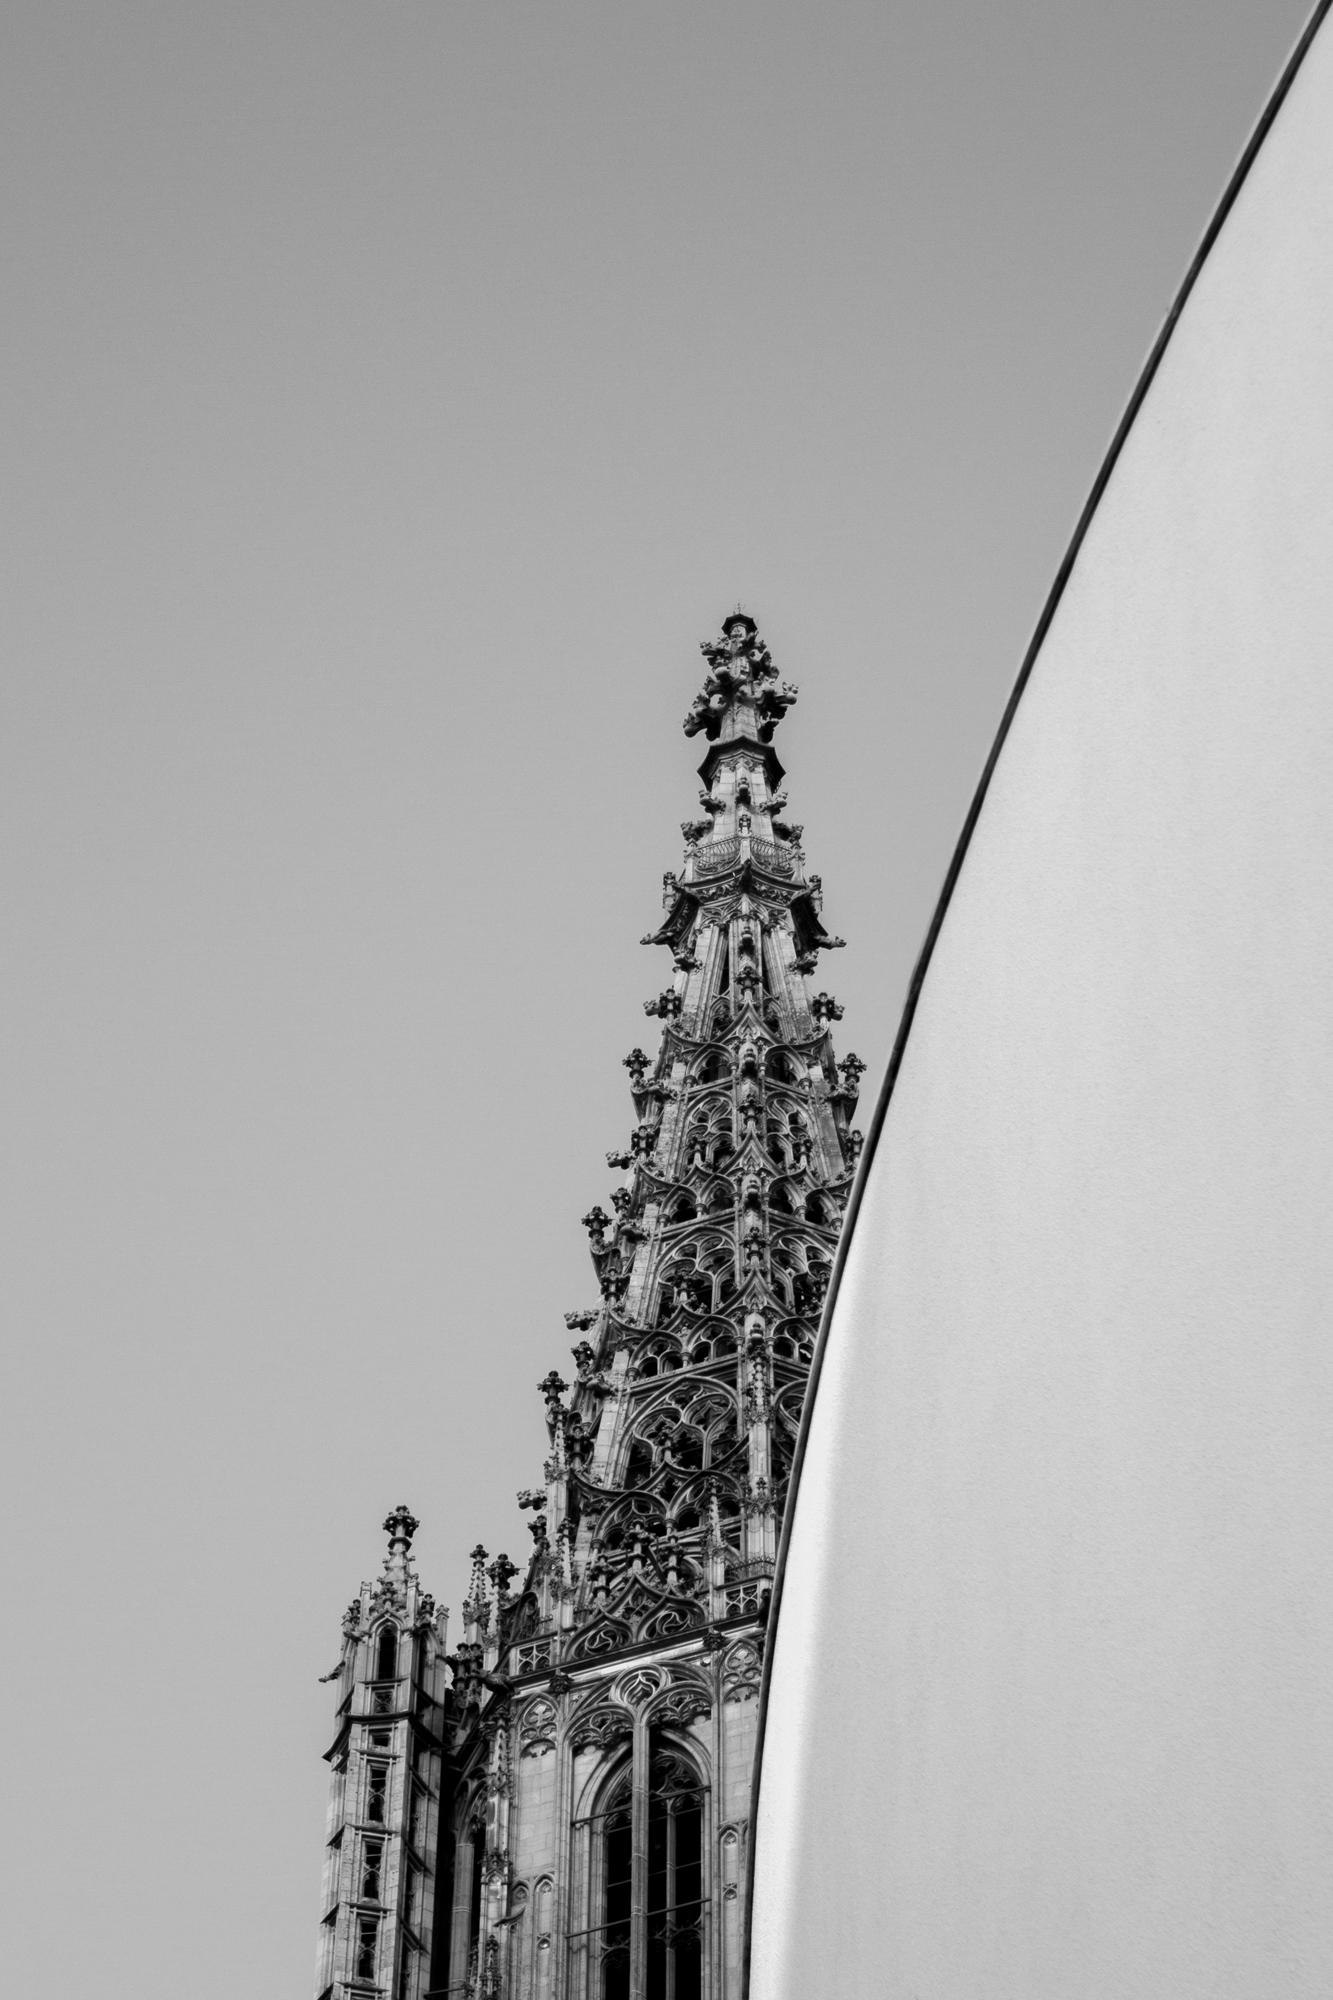 katedrala munster.jpg